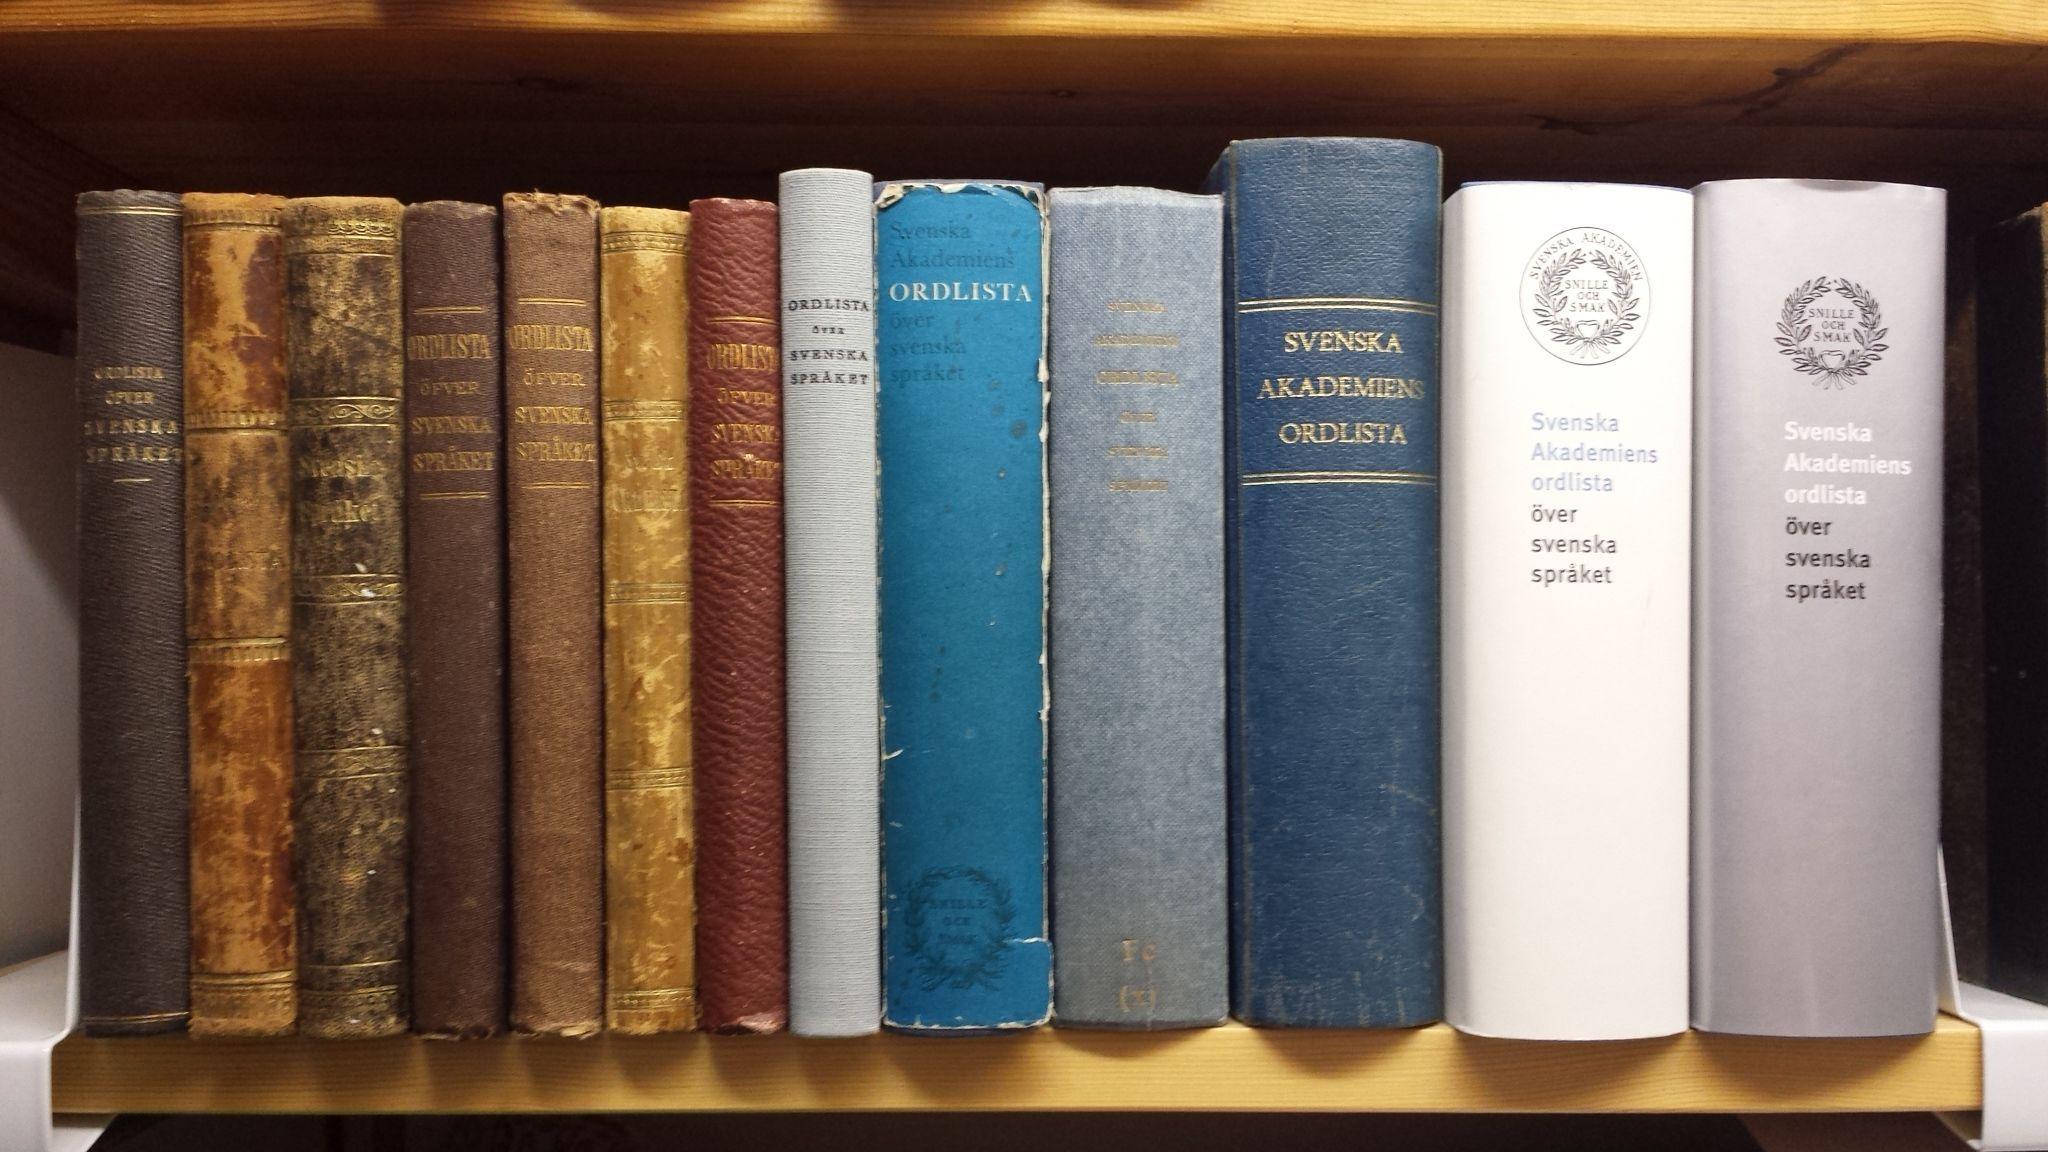 瑞典學術辭典維基百科